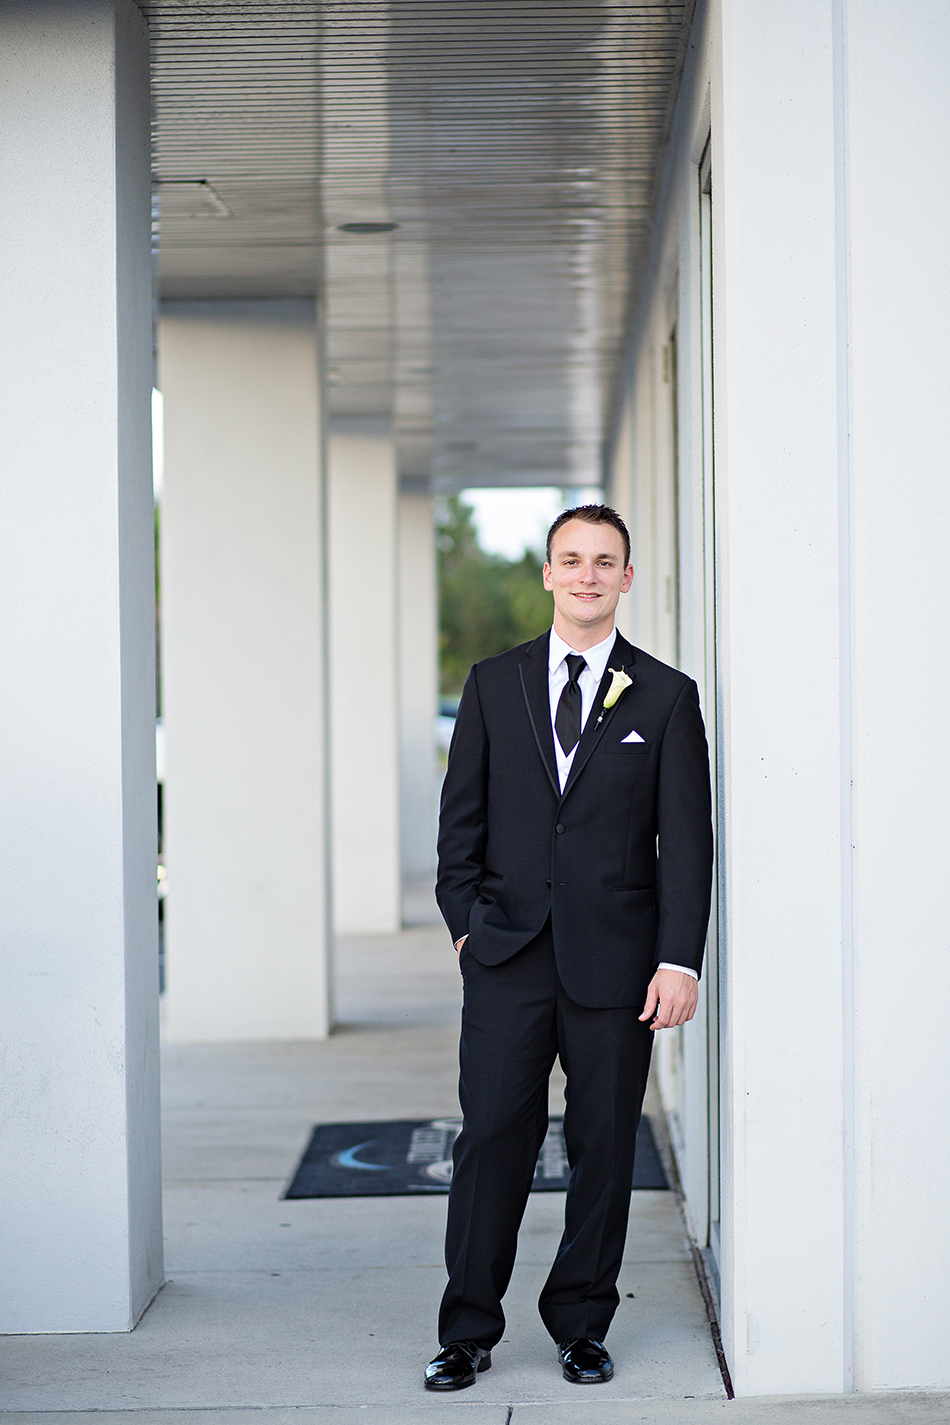 car-dealership-wedding-11